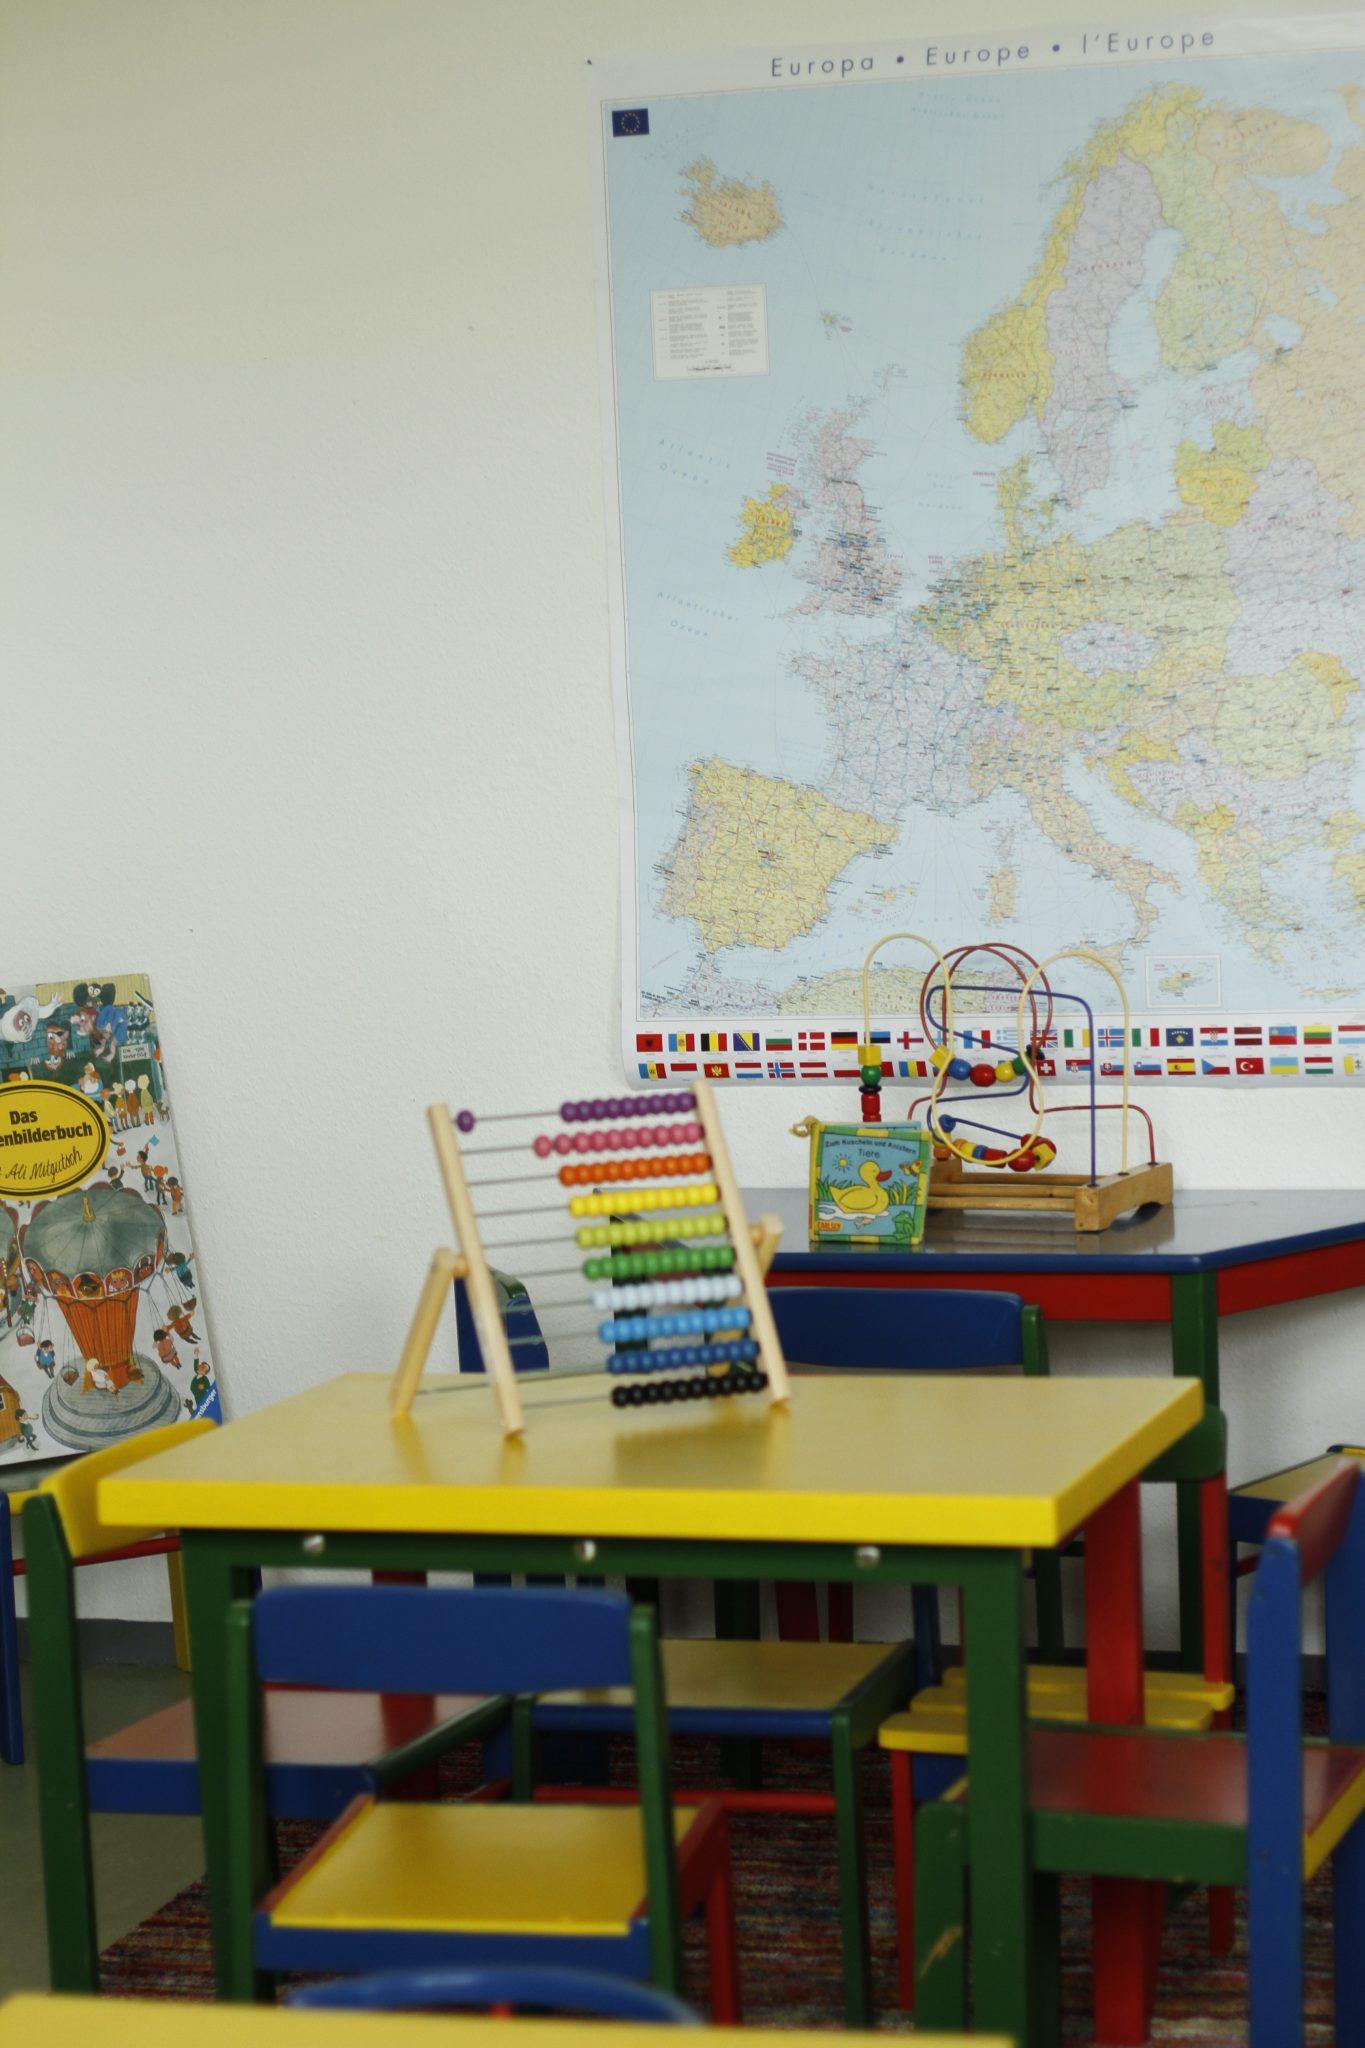 Leseoasen in Flüchtlingsunterkünfte fördern den Spracherwerb